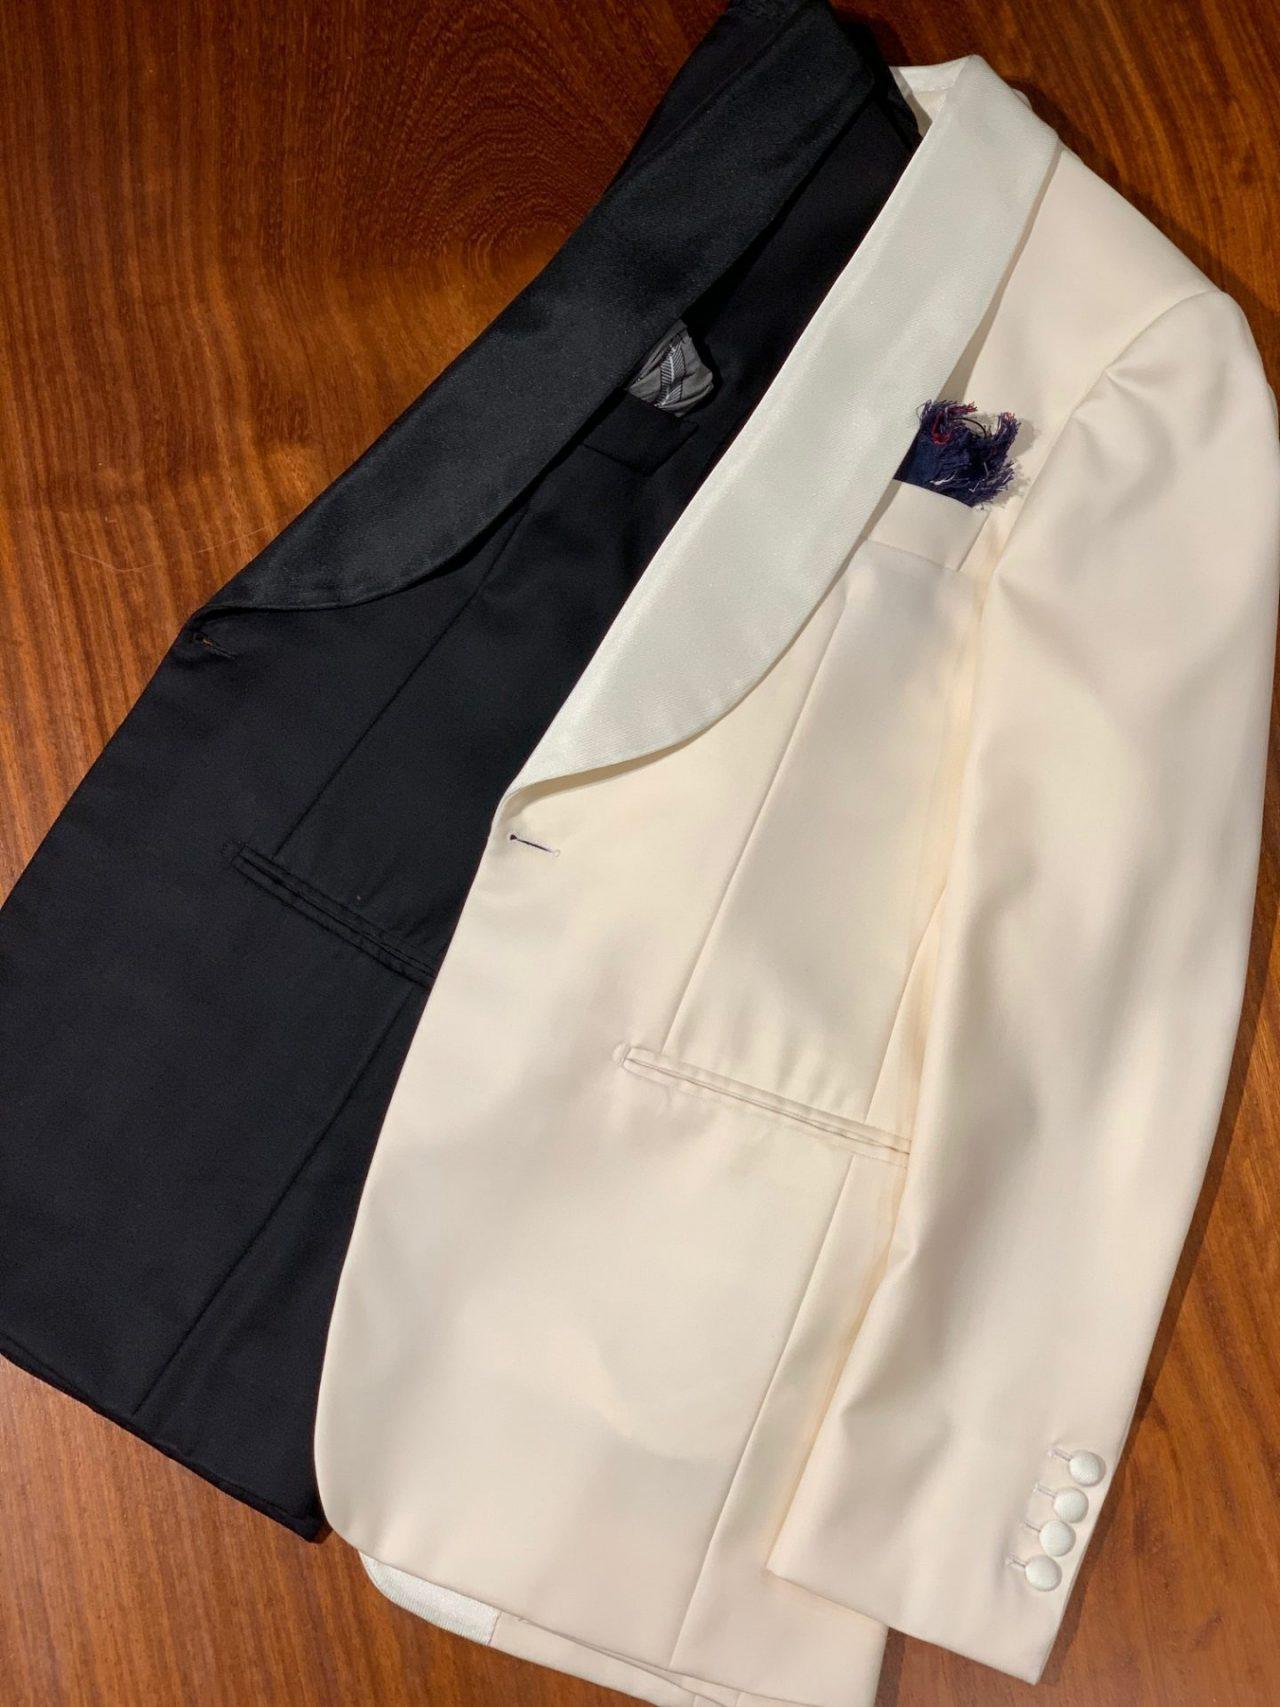 挙式・披露宴でブラックタキシードからホワイトジャケットへの羽織り変えると、余裕のある男性の雰囲気を演出します。